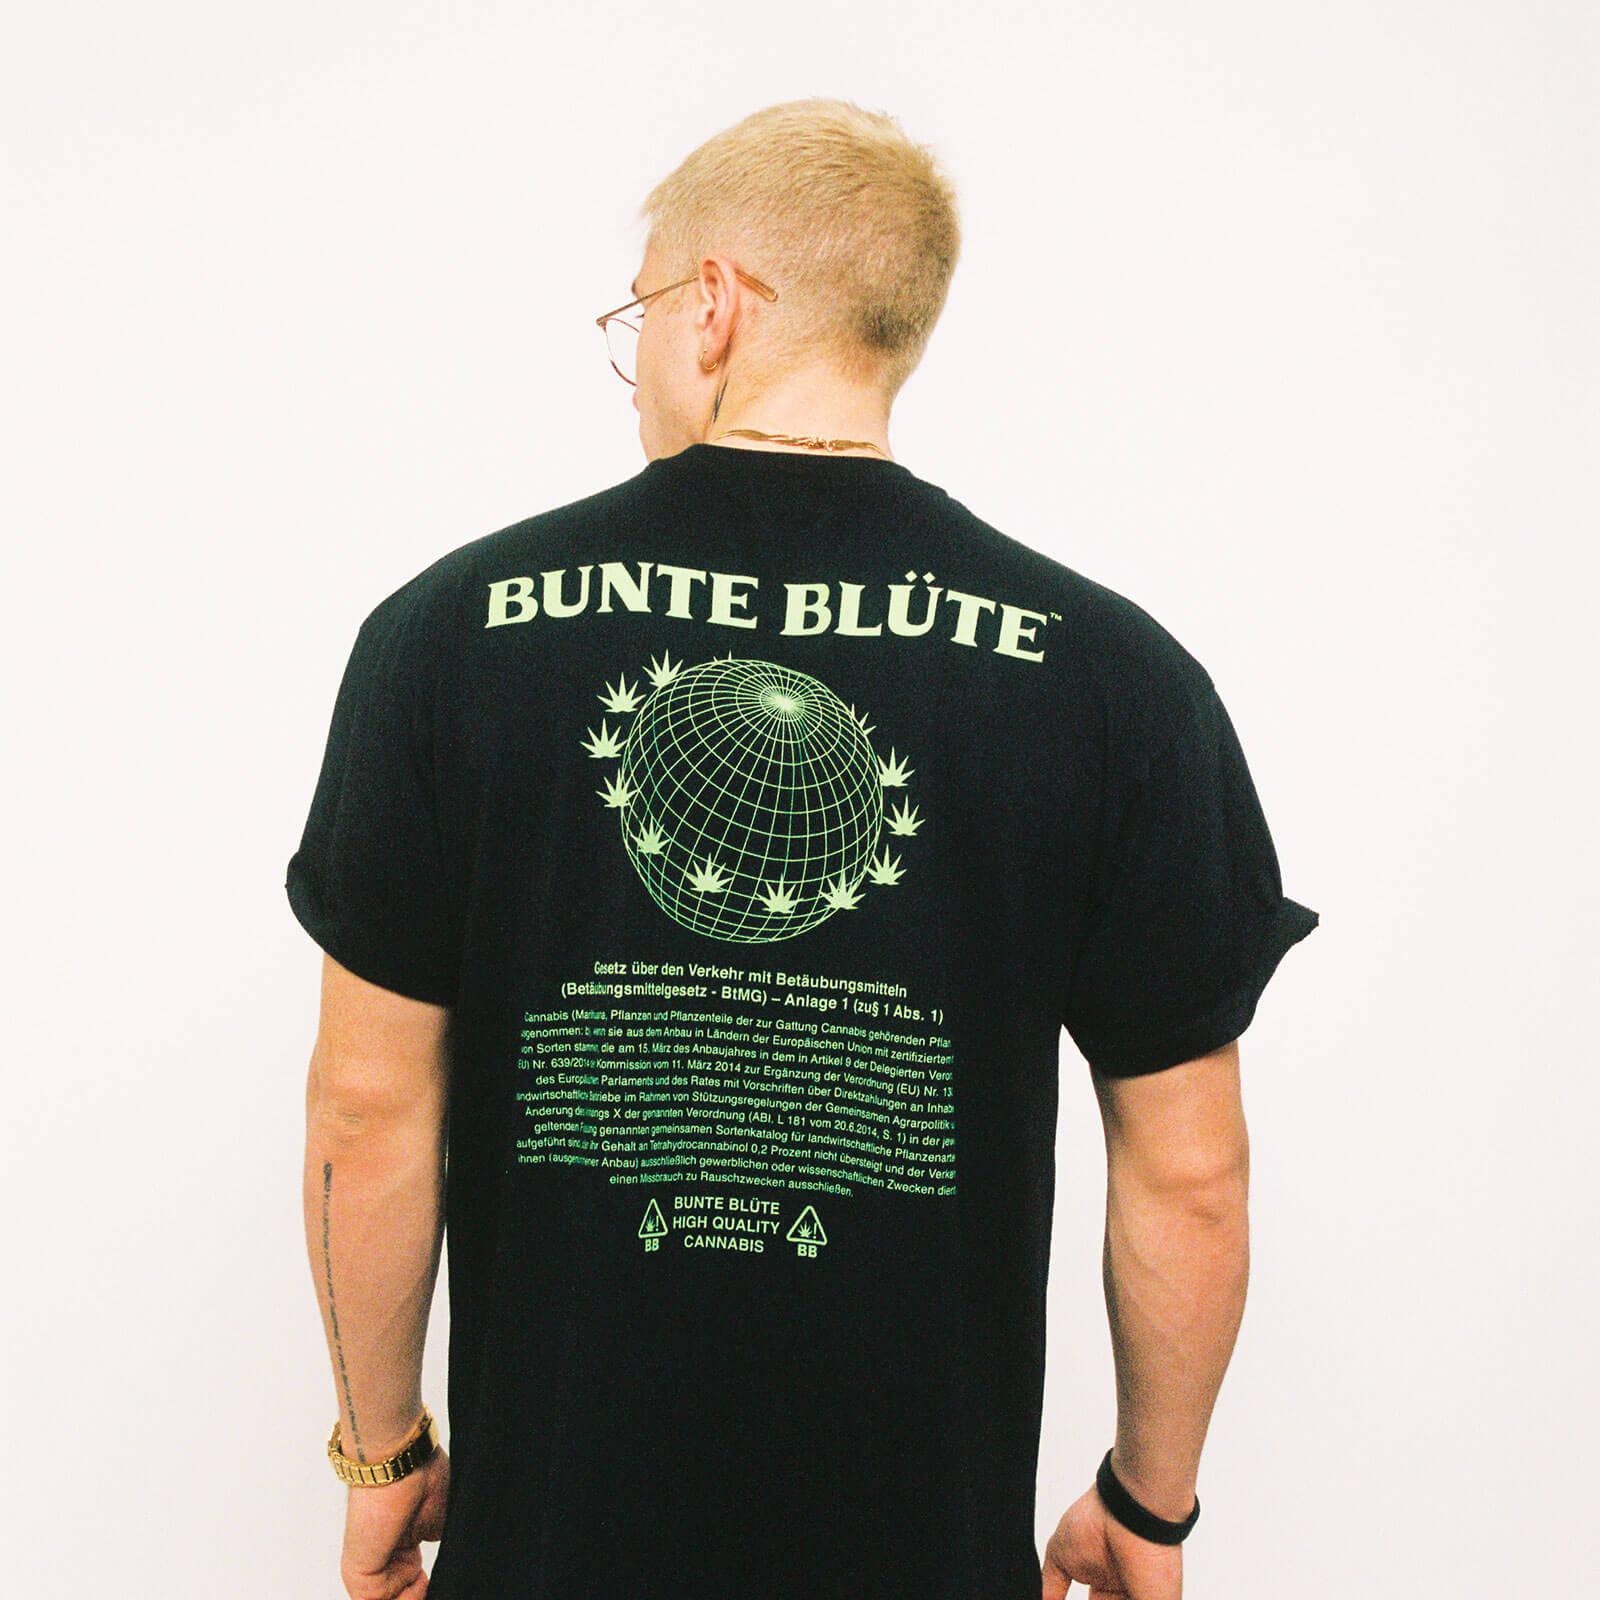 bunte-bluete-cbd-cannabis-merch-tshirt-nutzhanfparagraph-schwarz-hinten-herren-kaufen